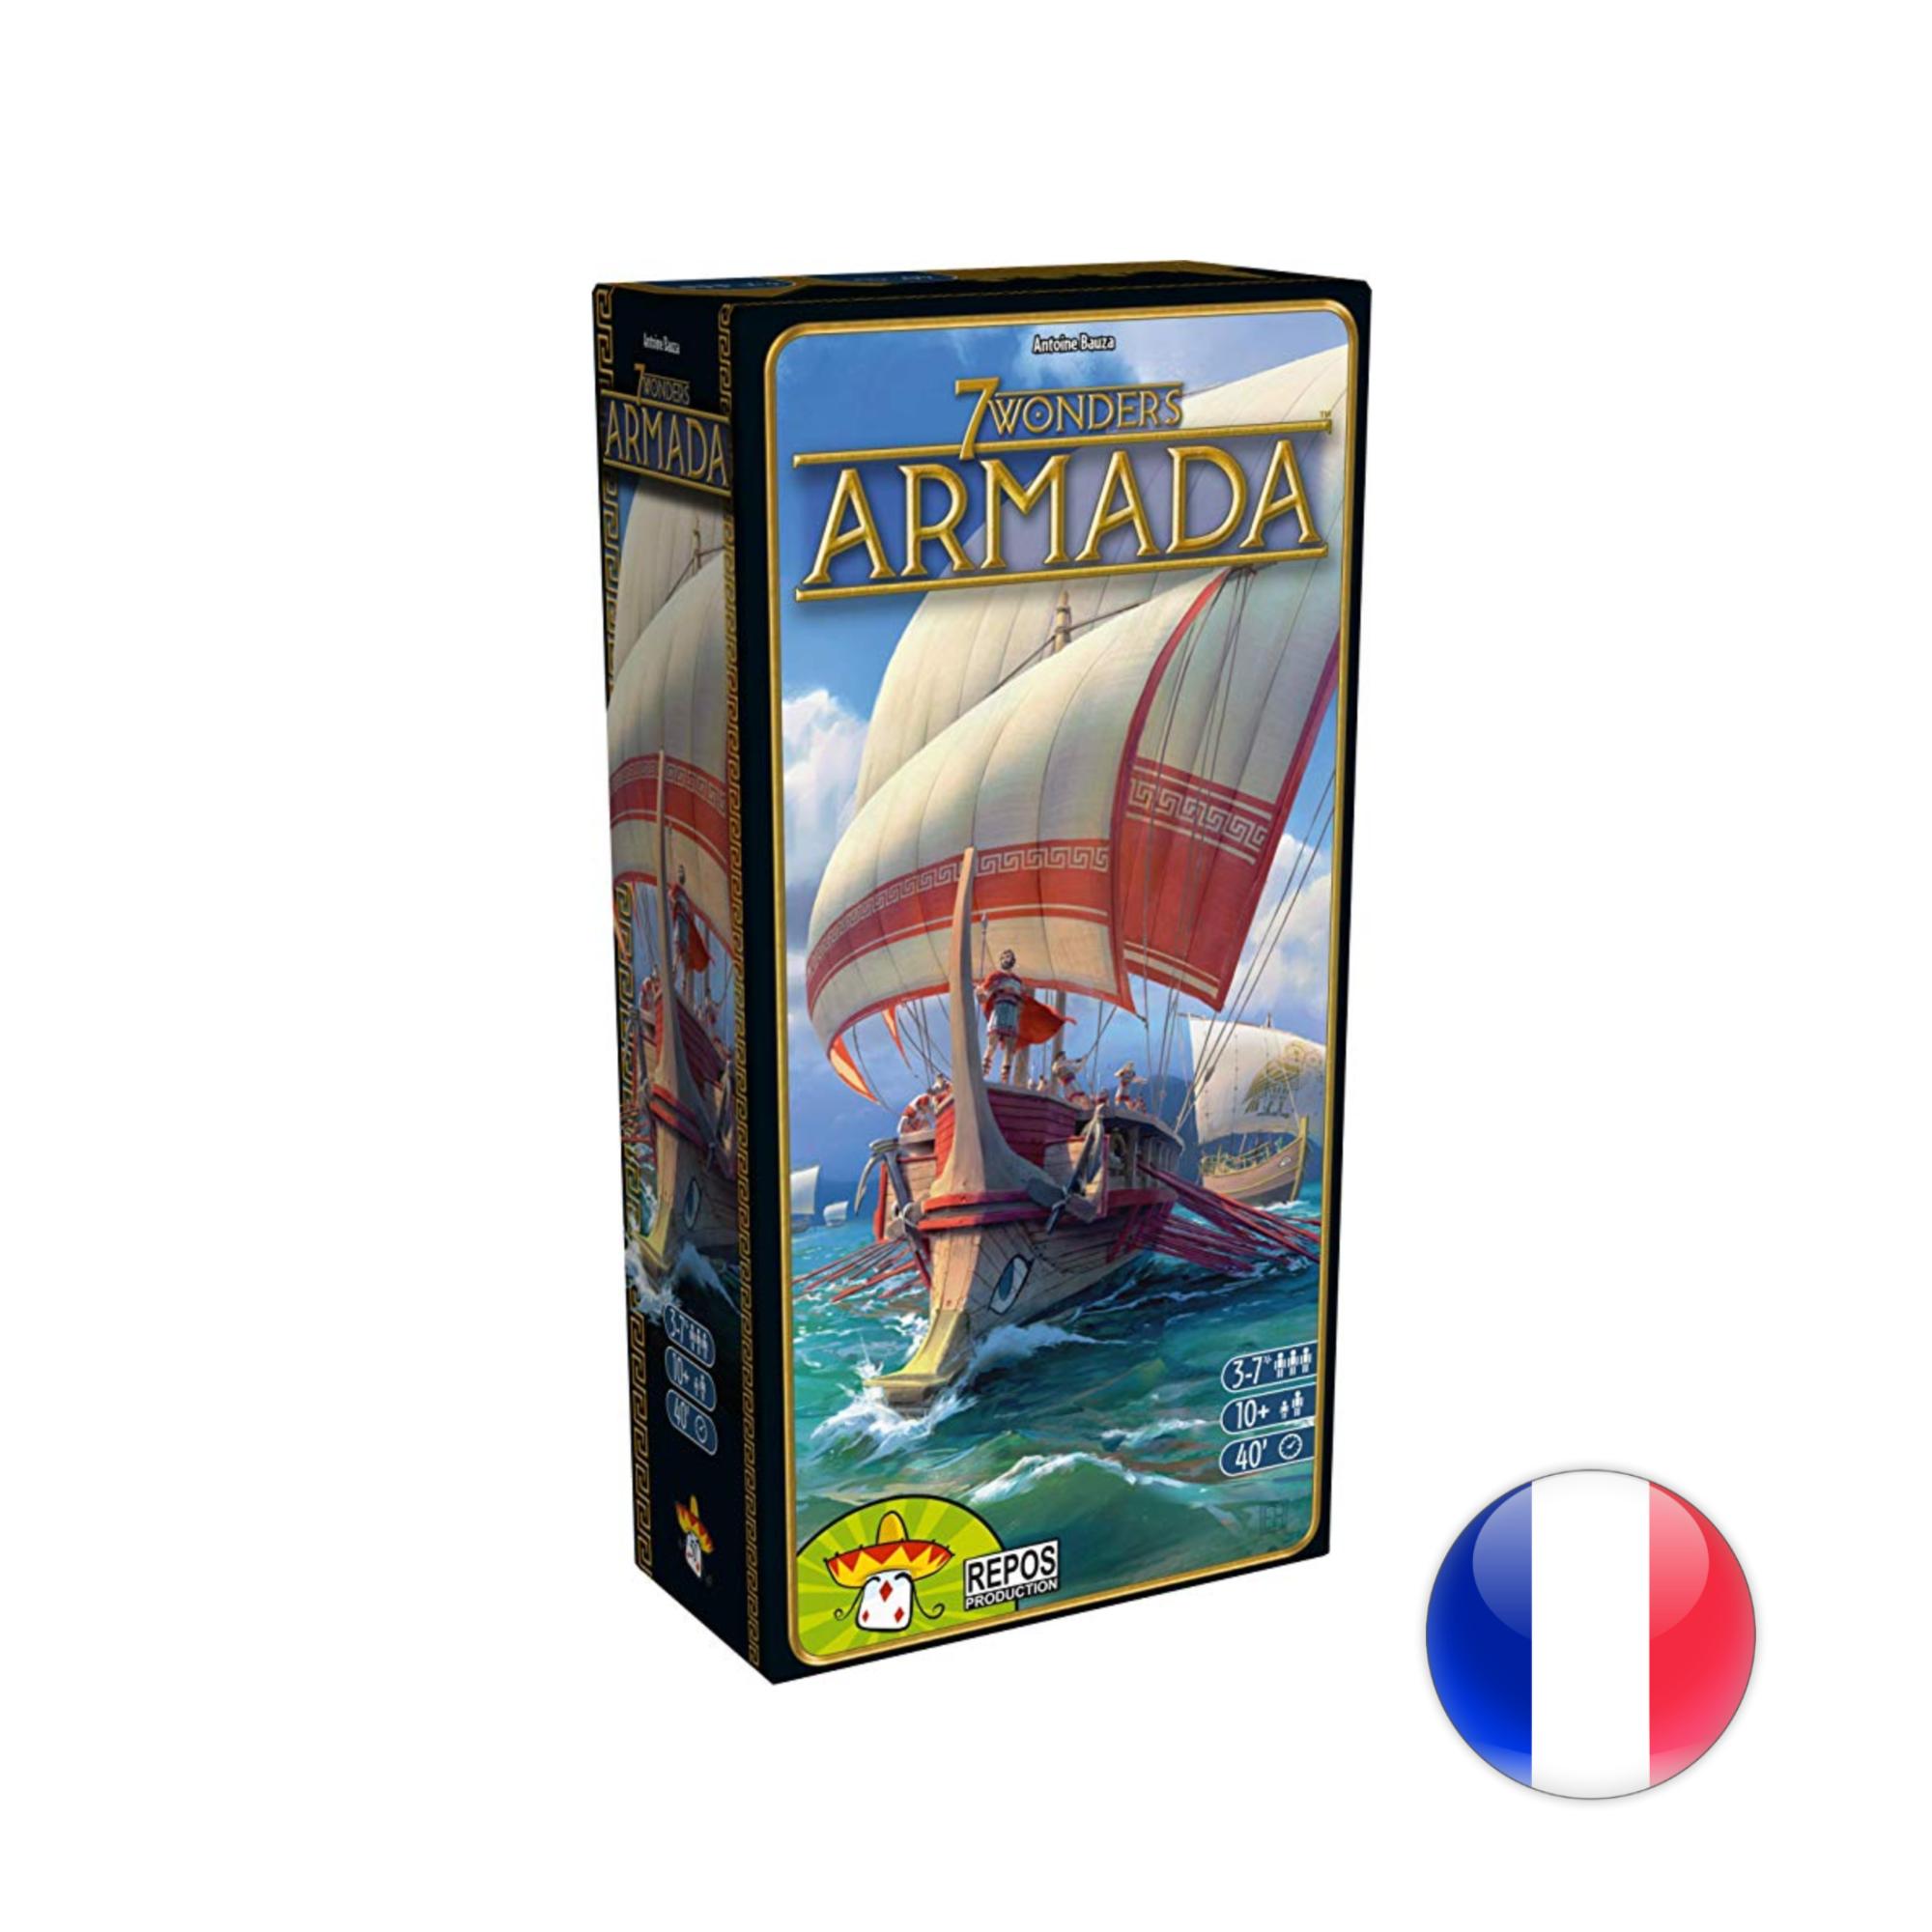 Asmodee 7 Wonders Armada VF